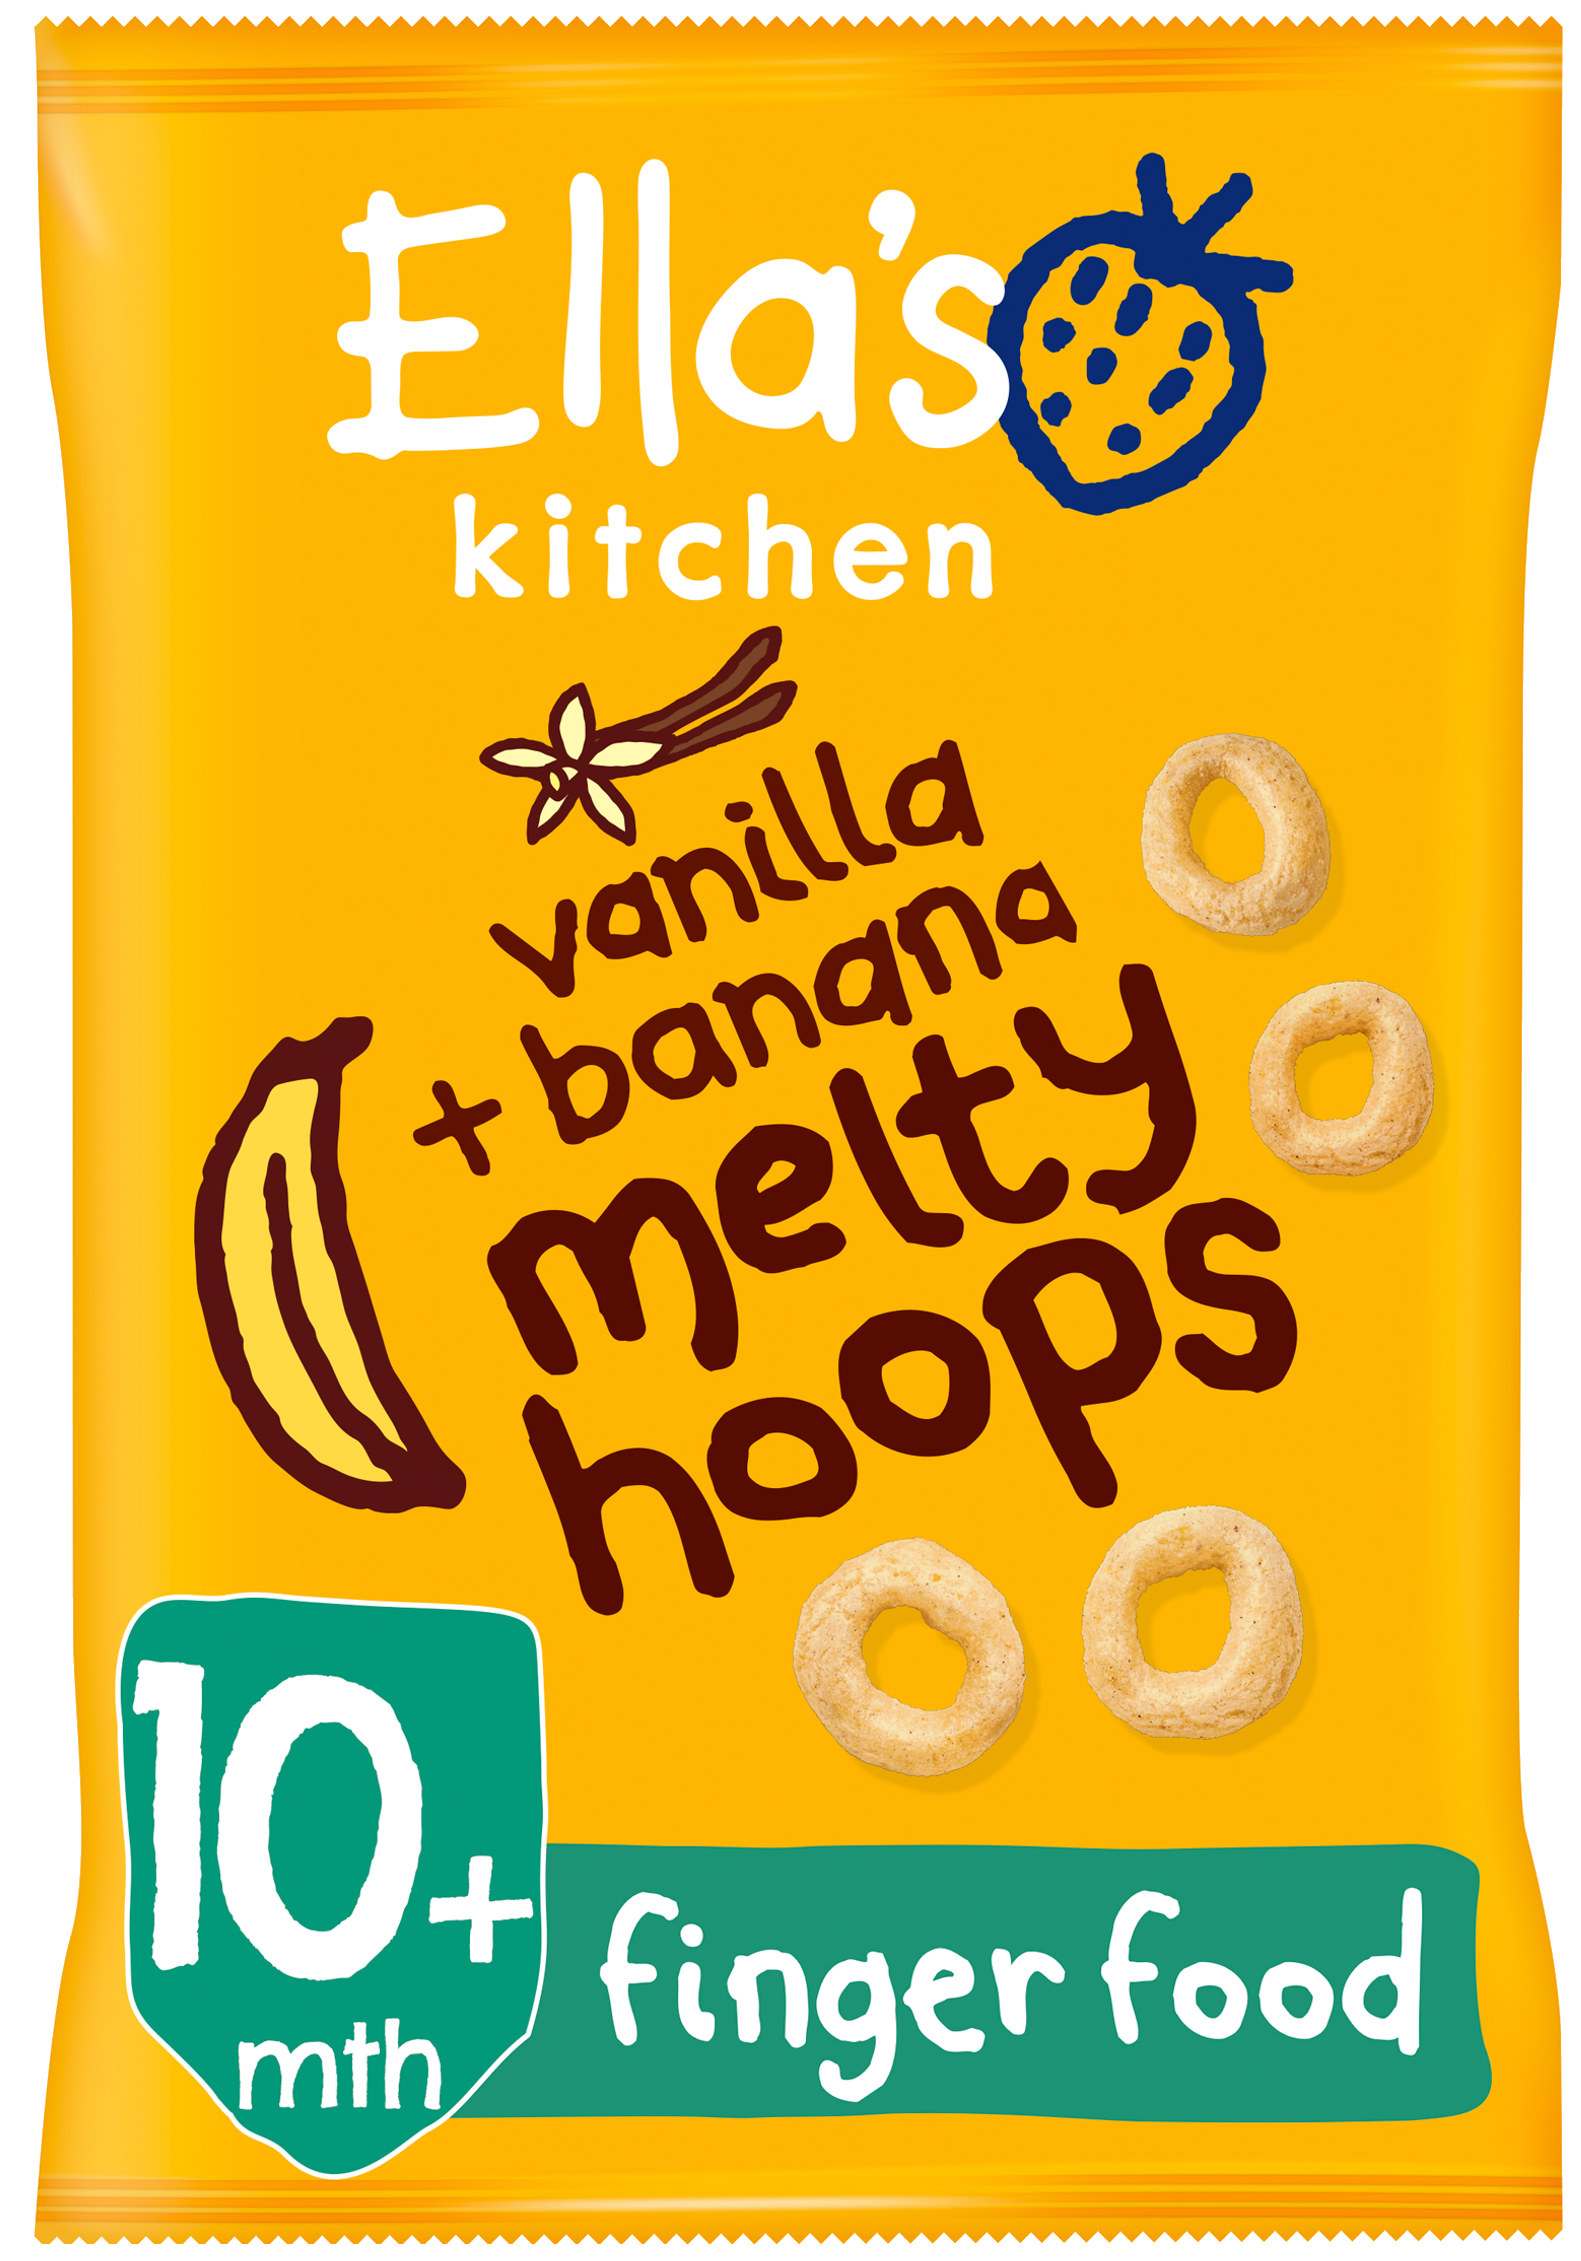 Ellas kitchen melty hoops vanilla banana bag front of pack O